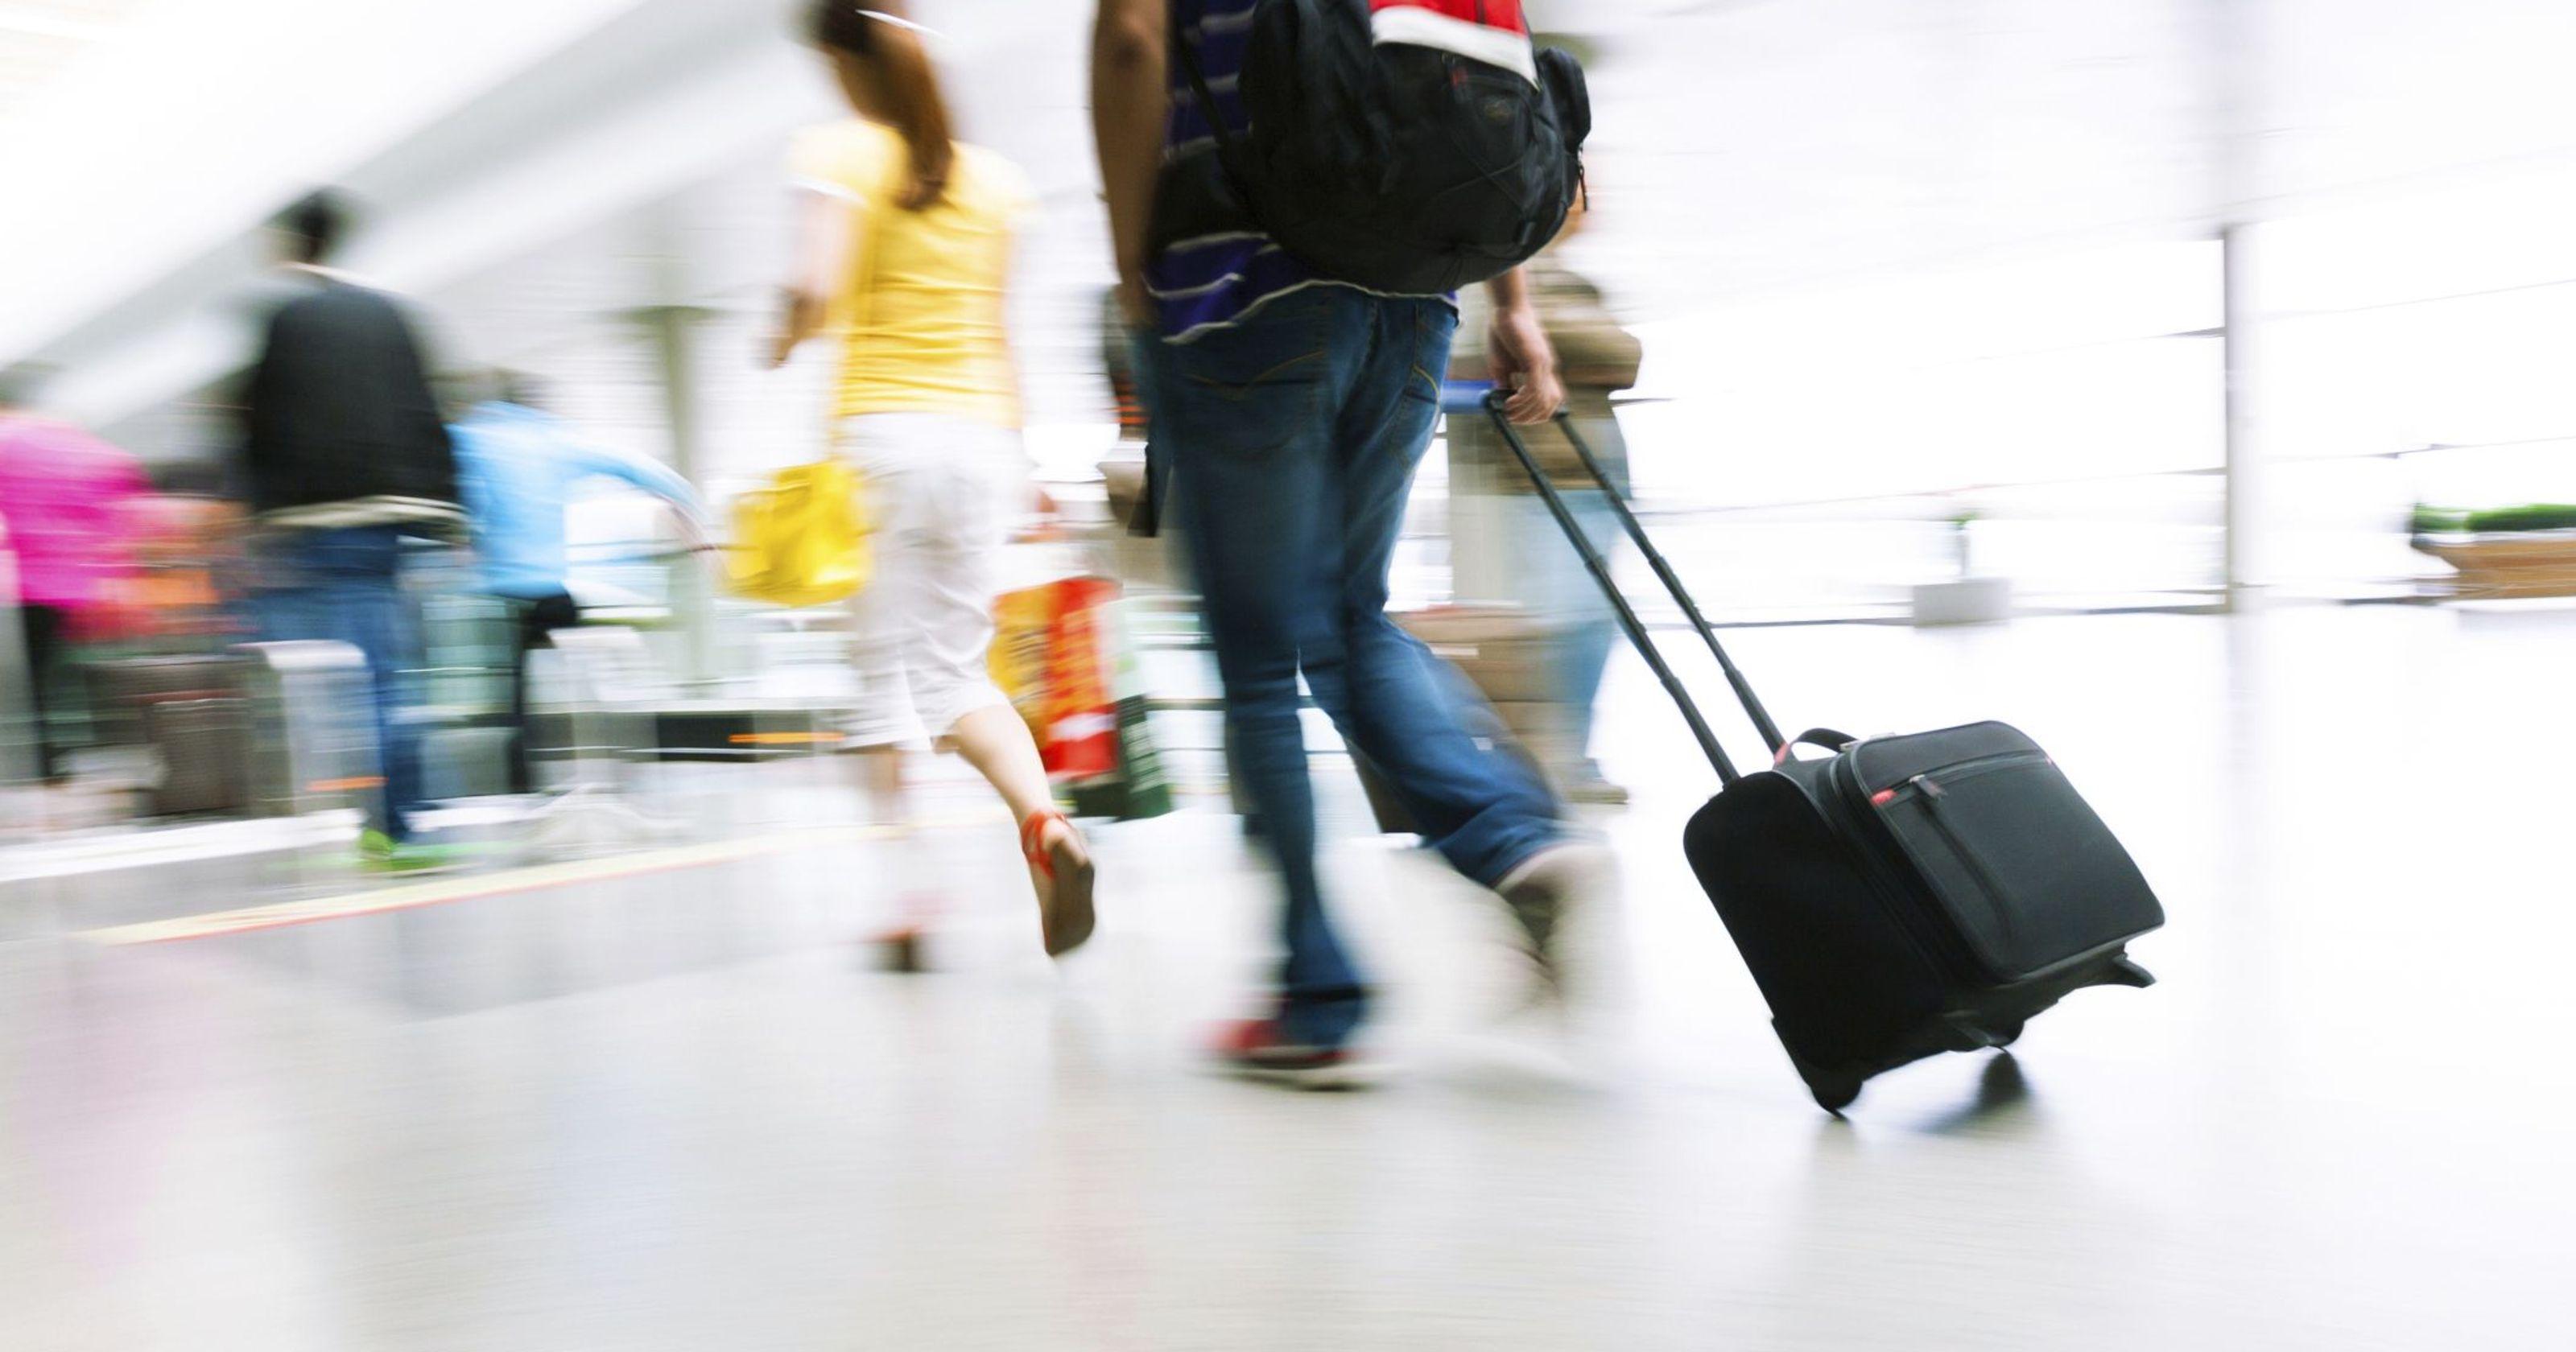 Recuperar Bagagem, Extravio, Roubo de malas, Segurança em aeroportos